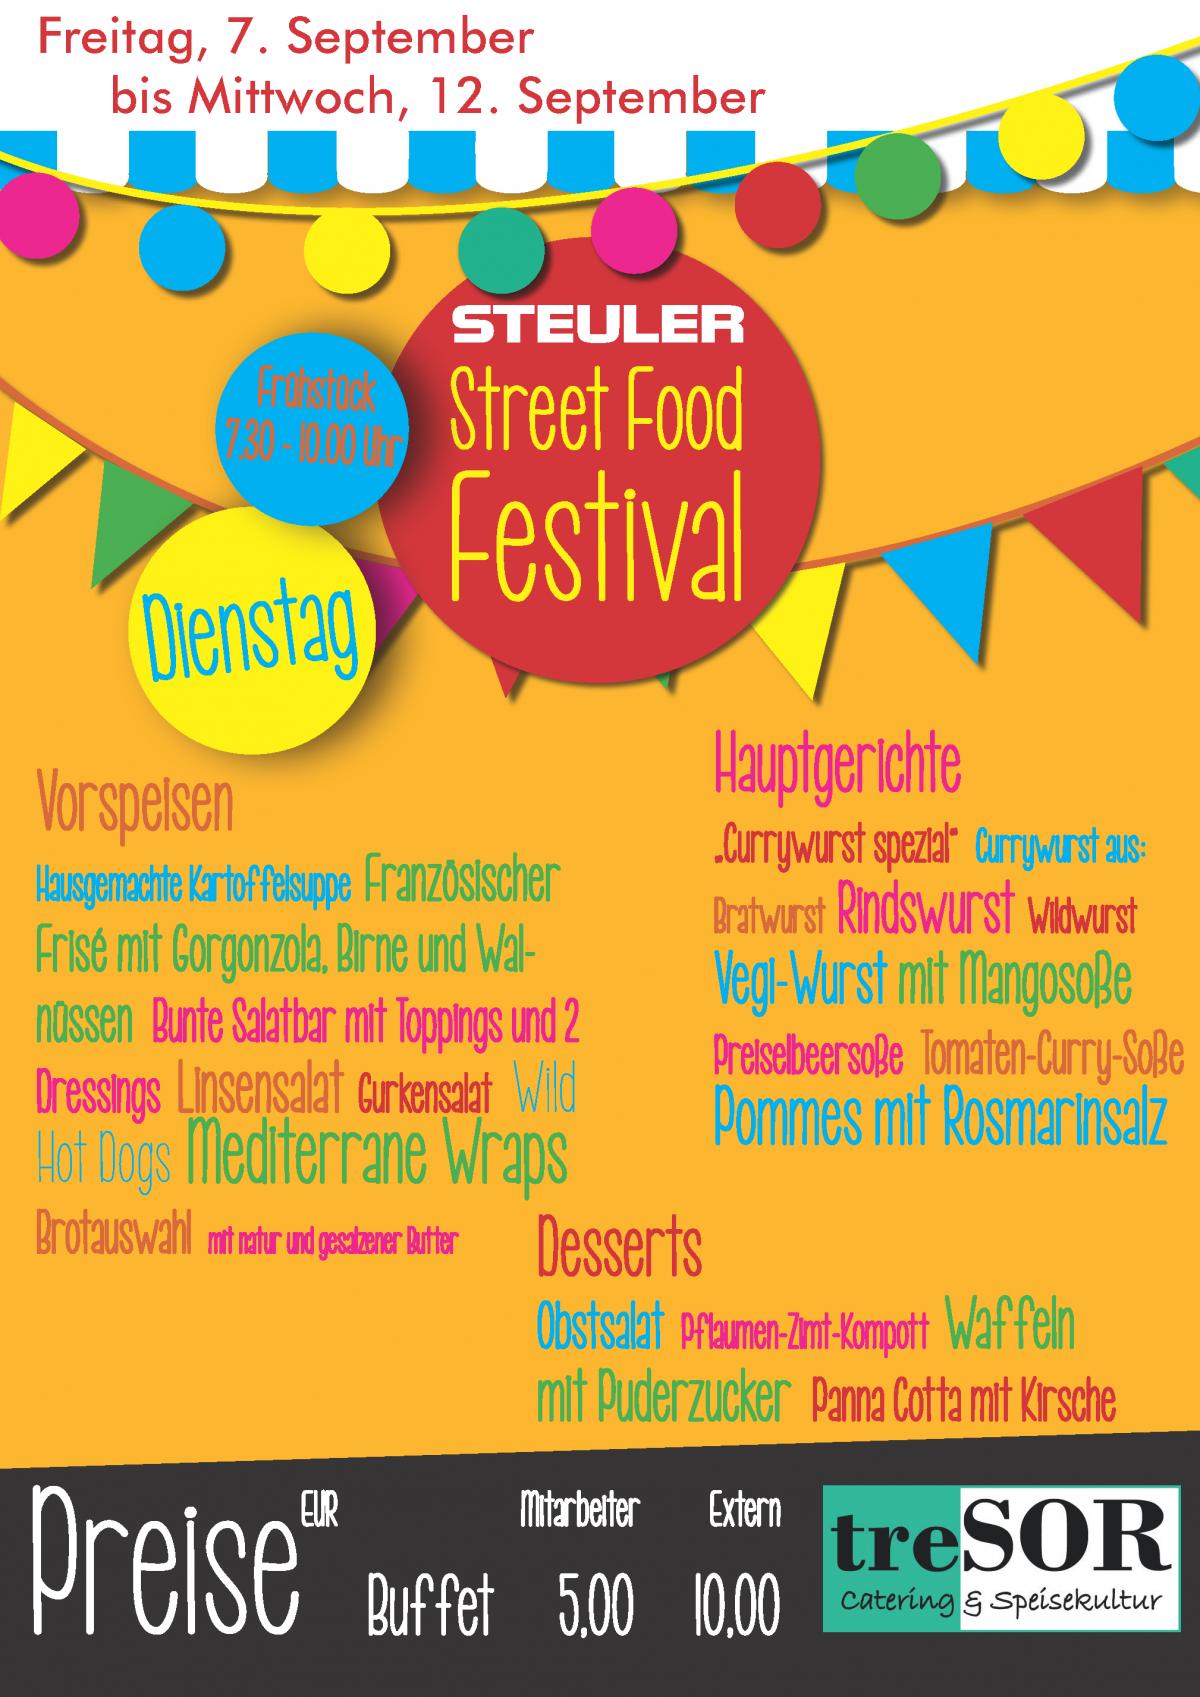 Steuler Street Food Festival 2018-Dienstag